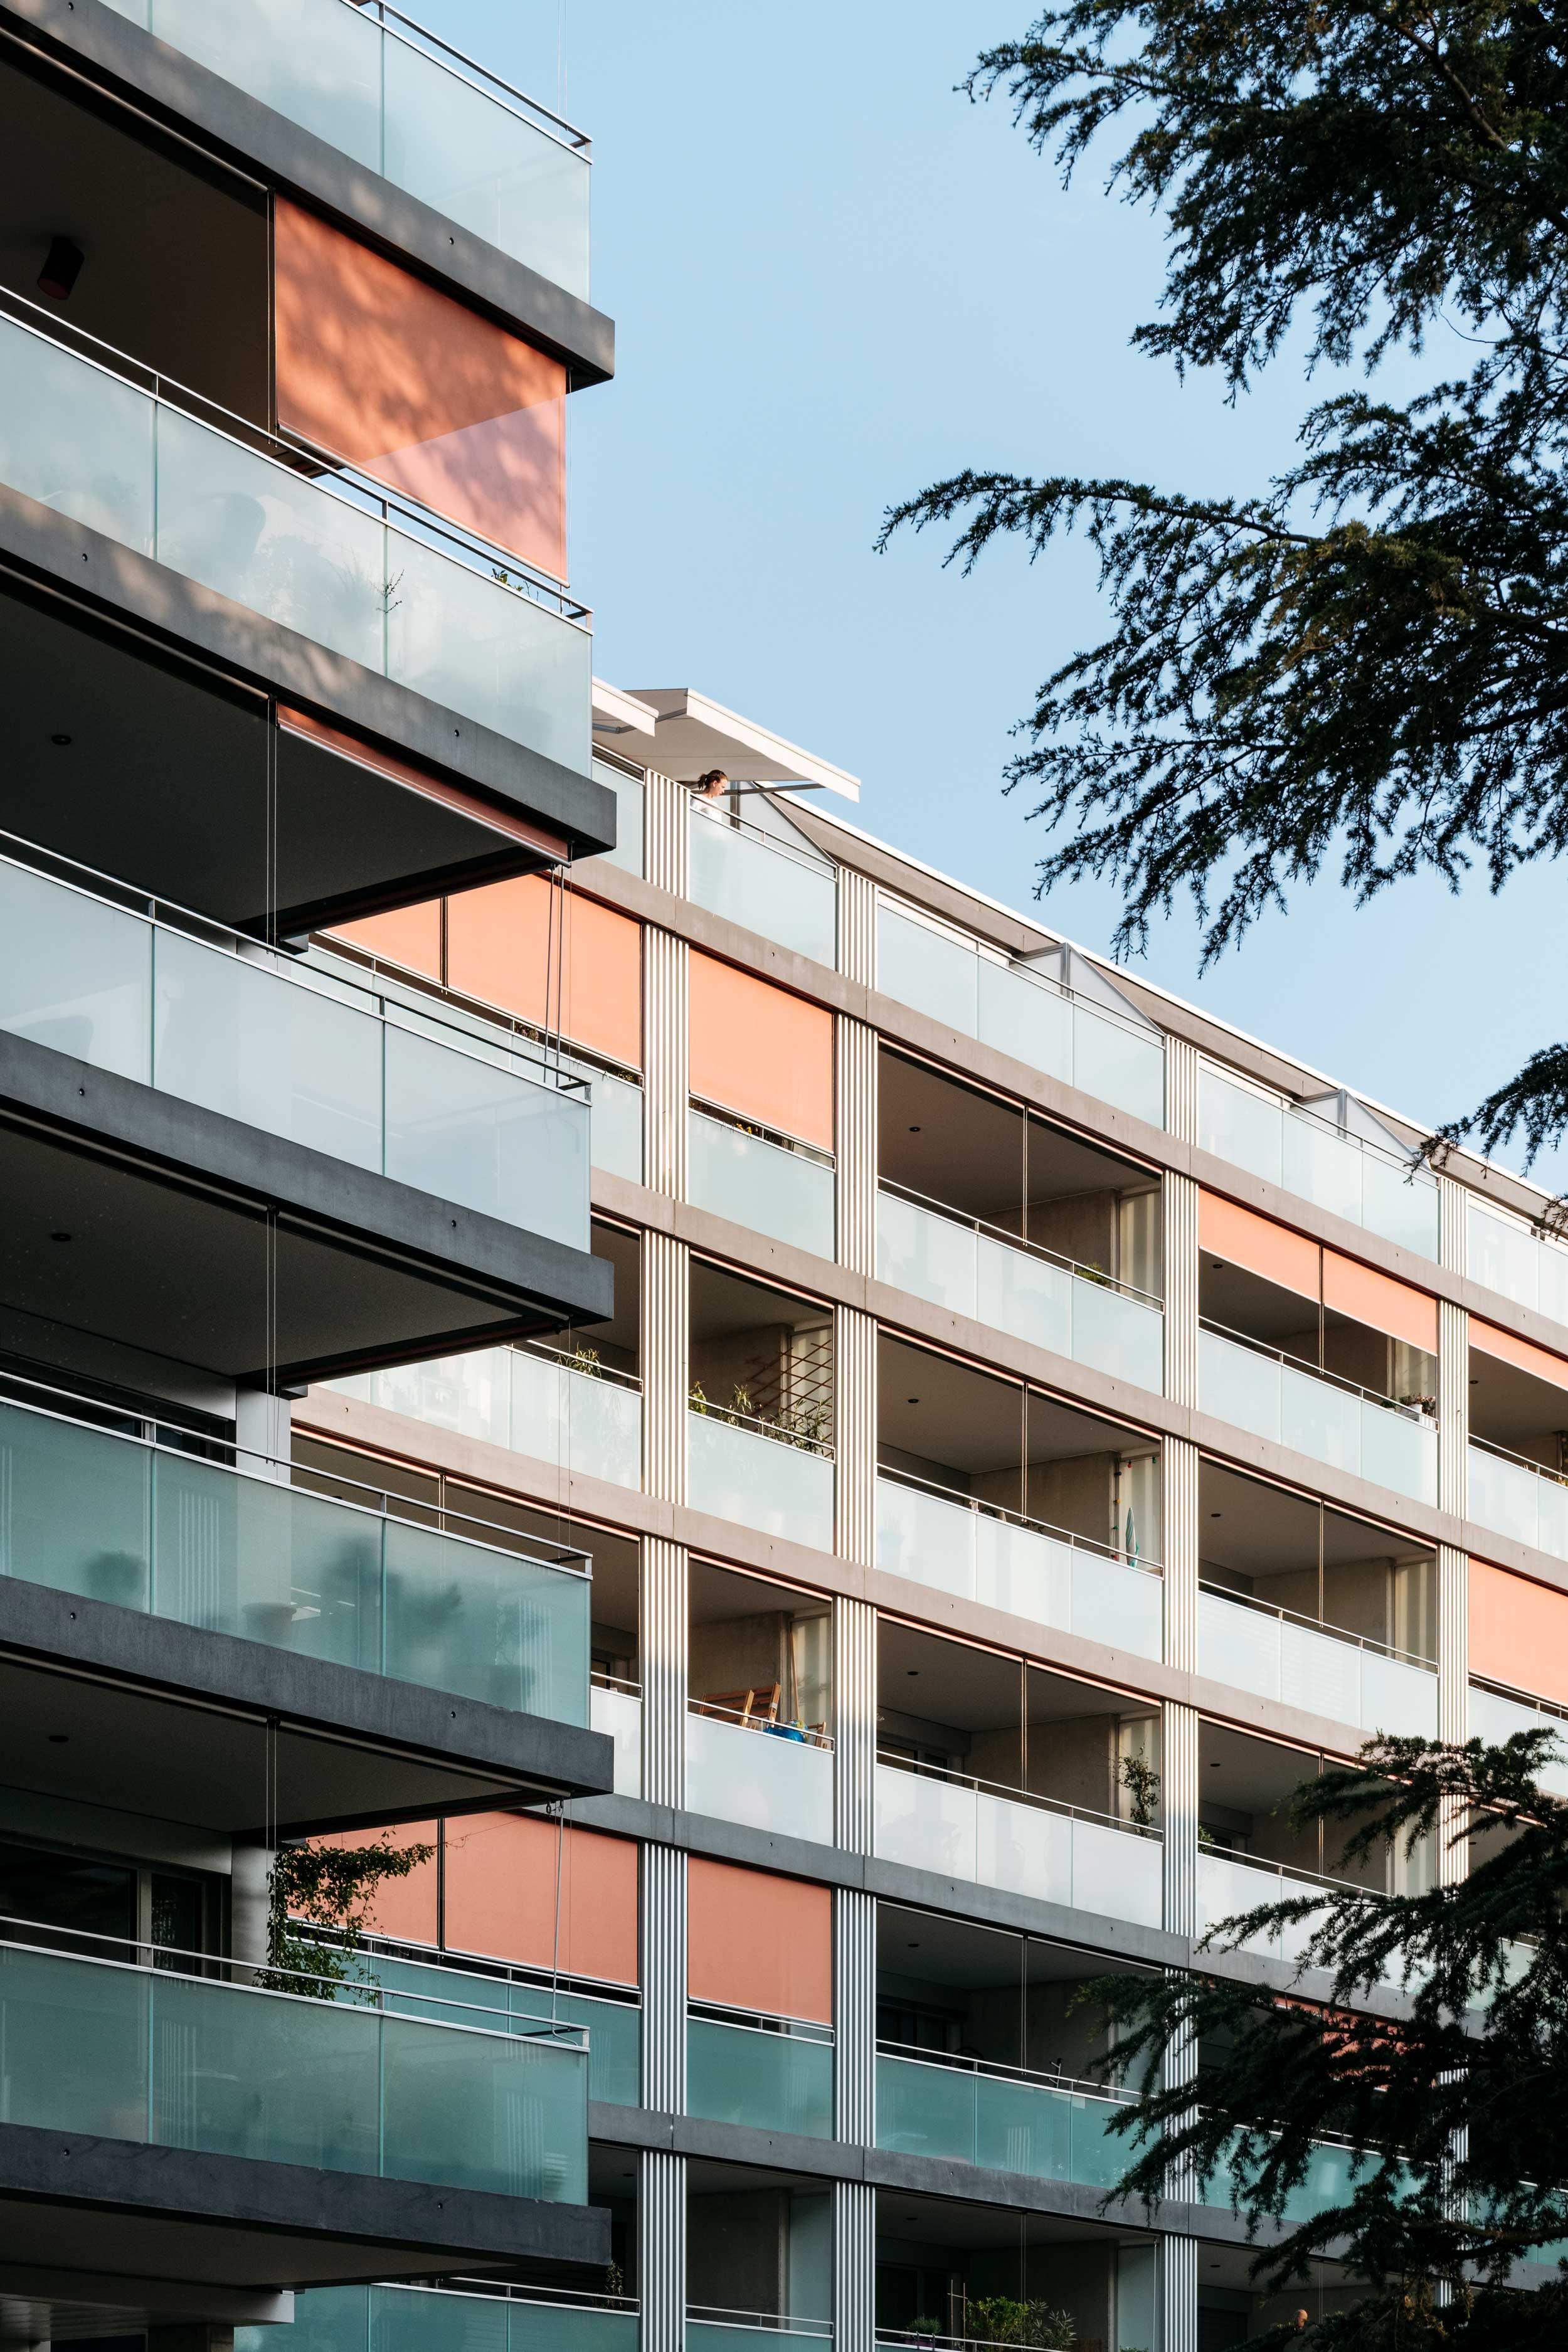 De grands balcons tout le long des façades s'ouvrent sur le paysage alentour.